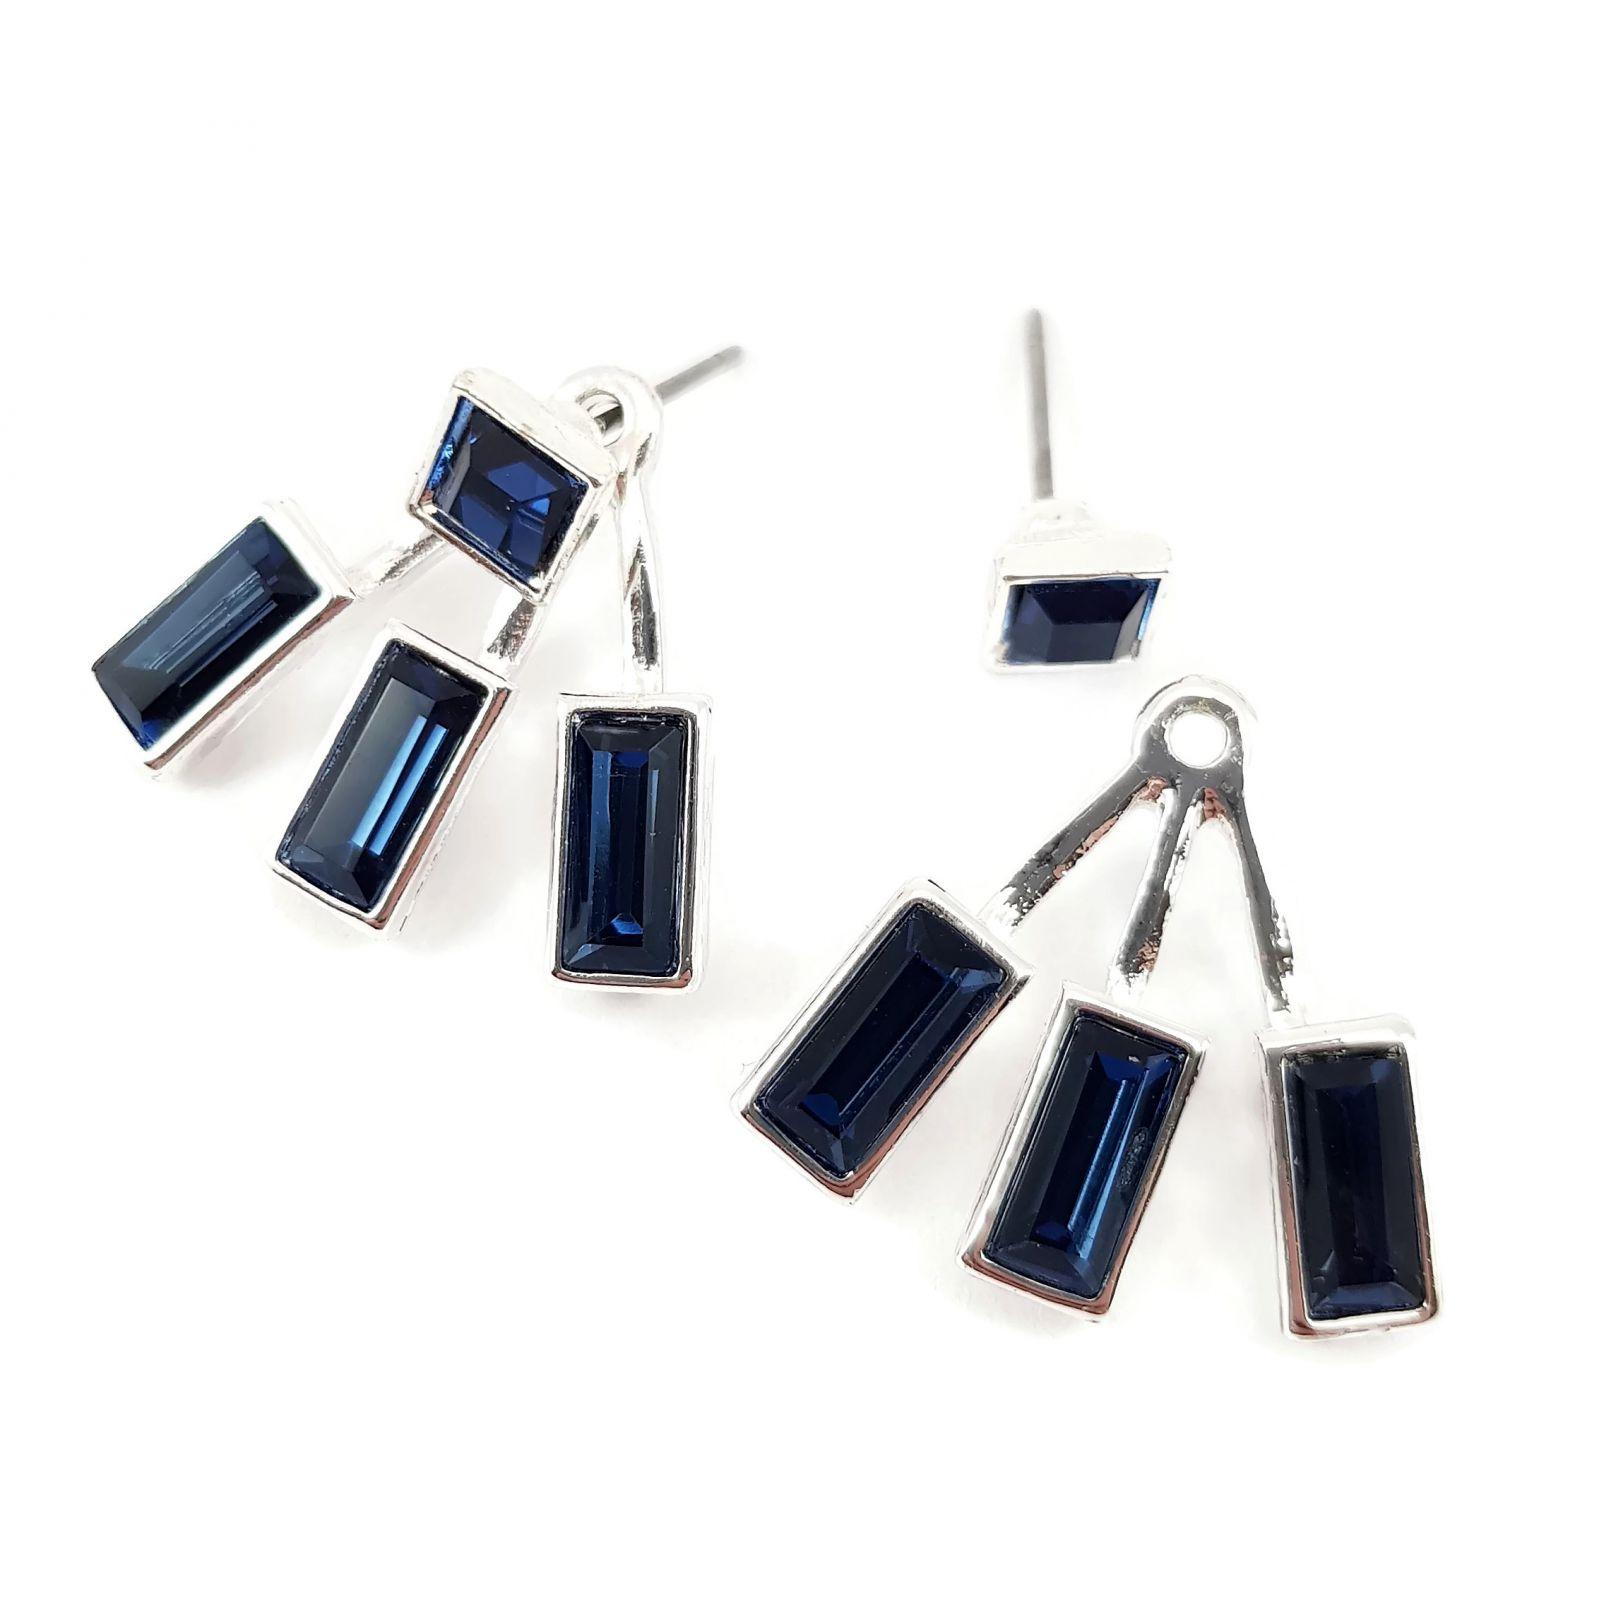 Náušnice s modrými kamínky 2 v1 GIIL